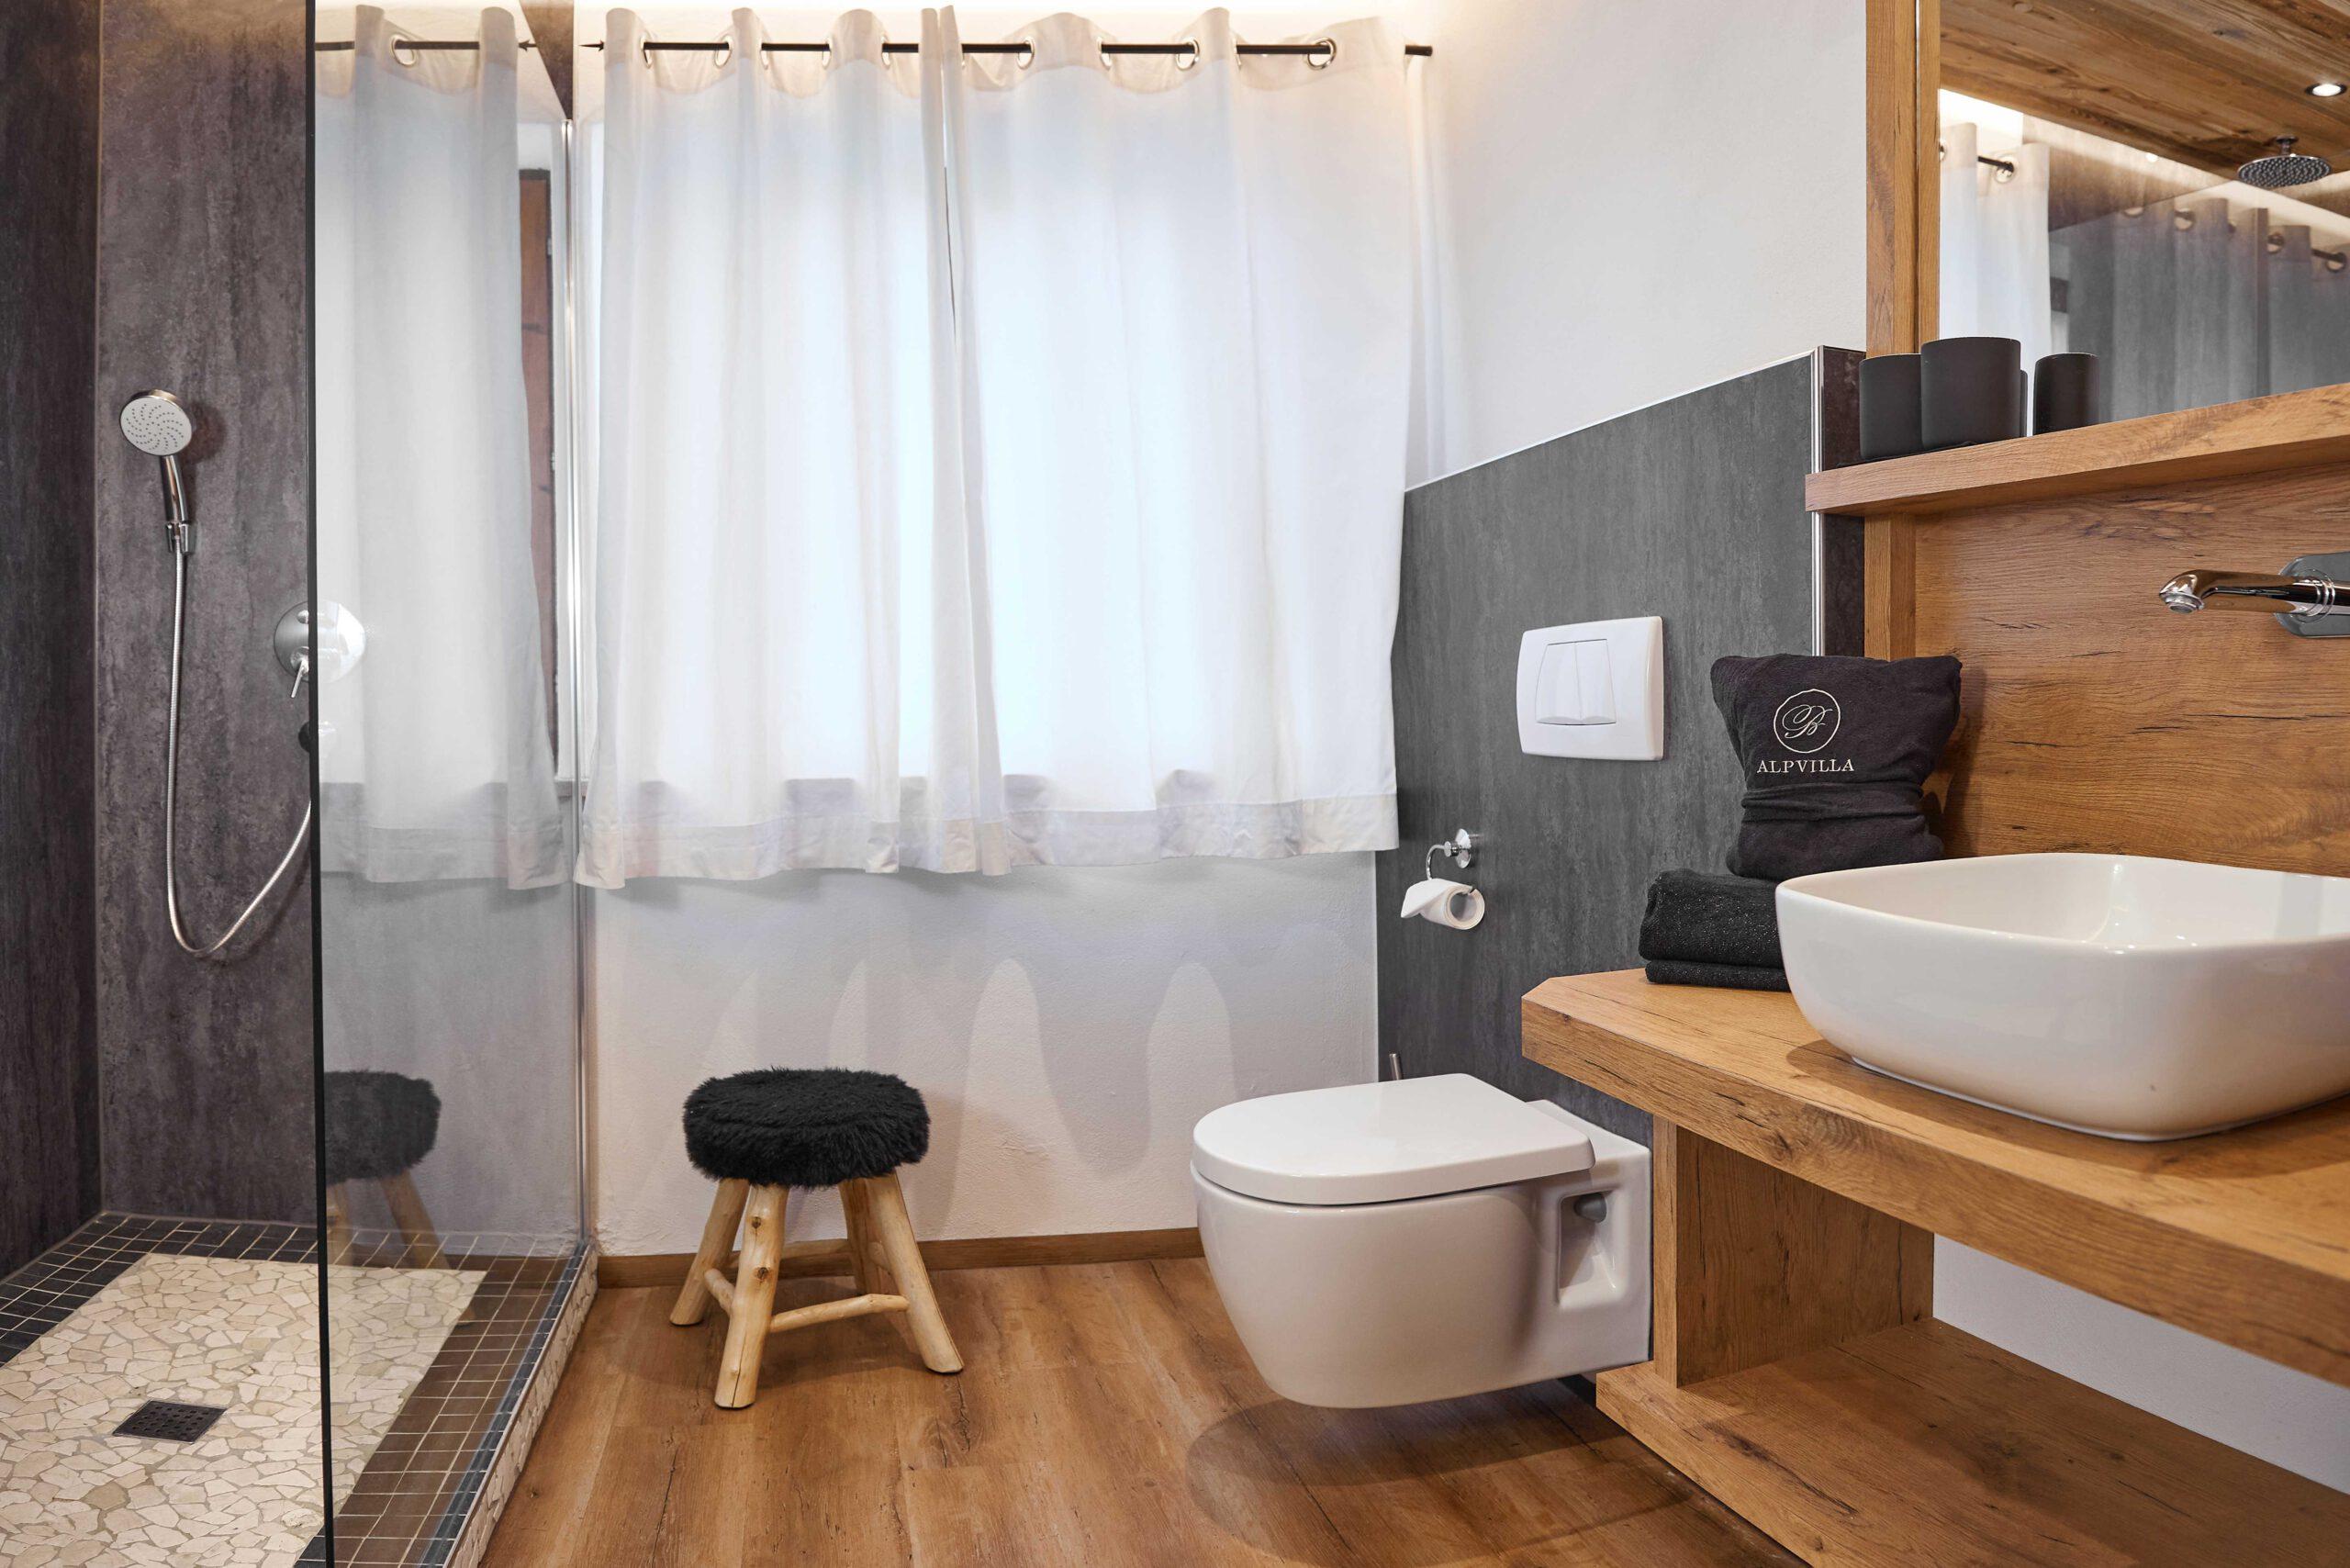 Badezimmer mit Dusche auf der linken Seite und Toilette sowie Waschbecken auf der rechten Seite